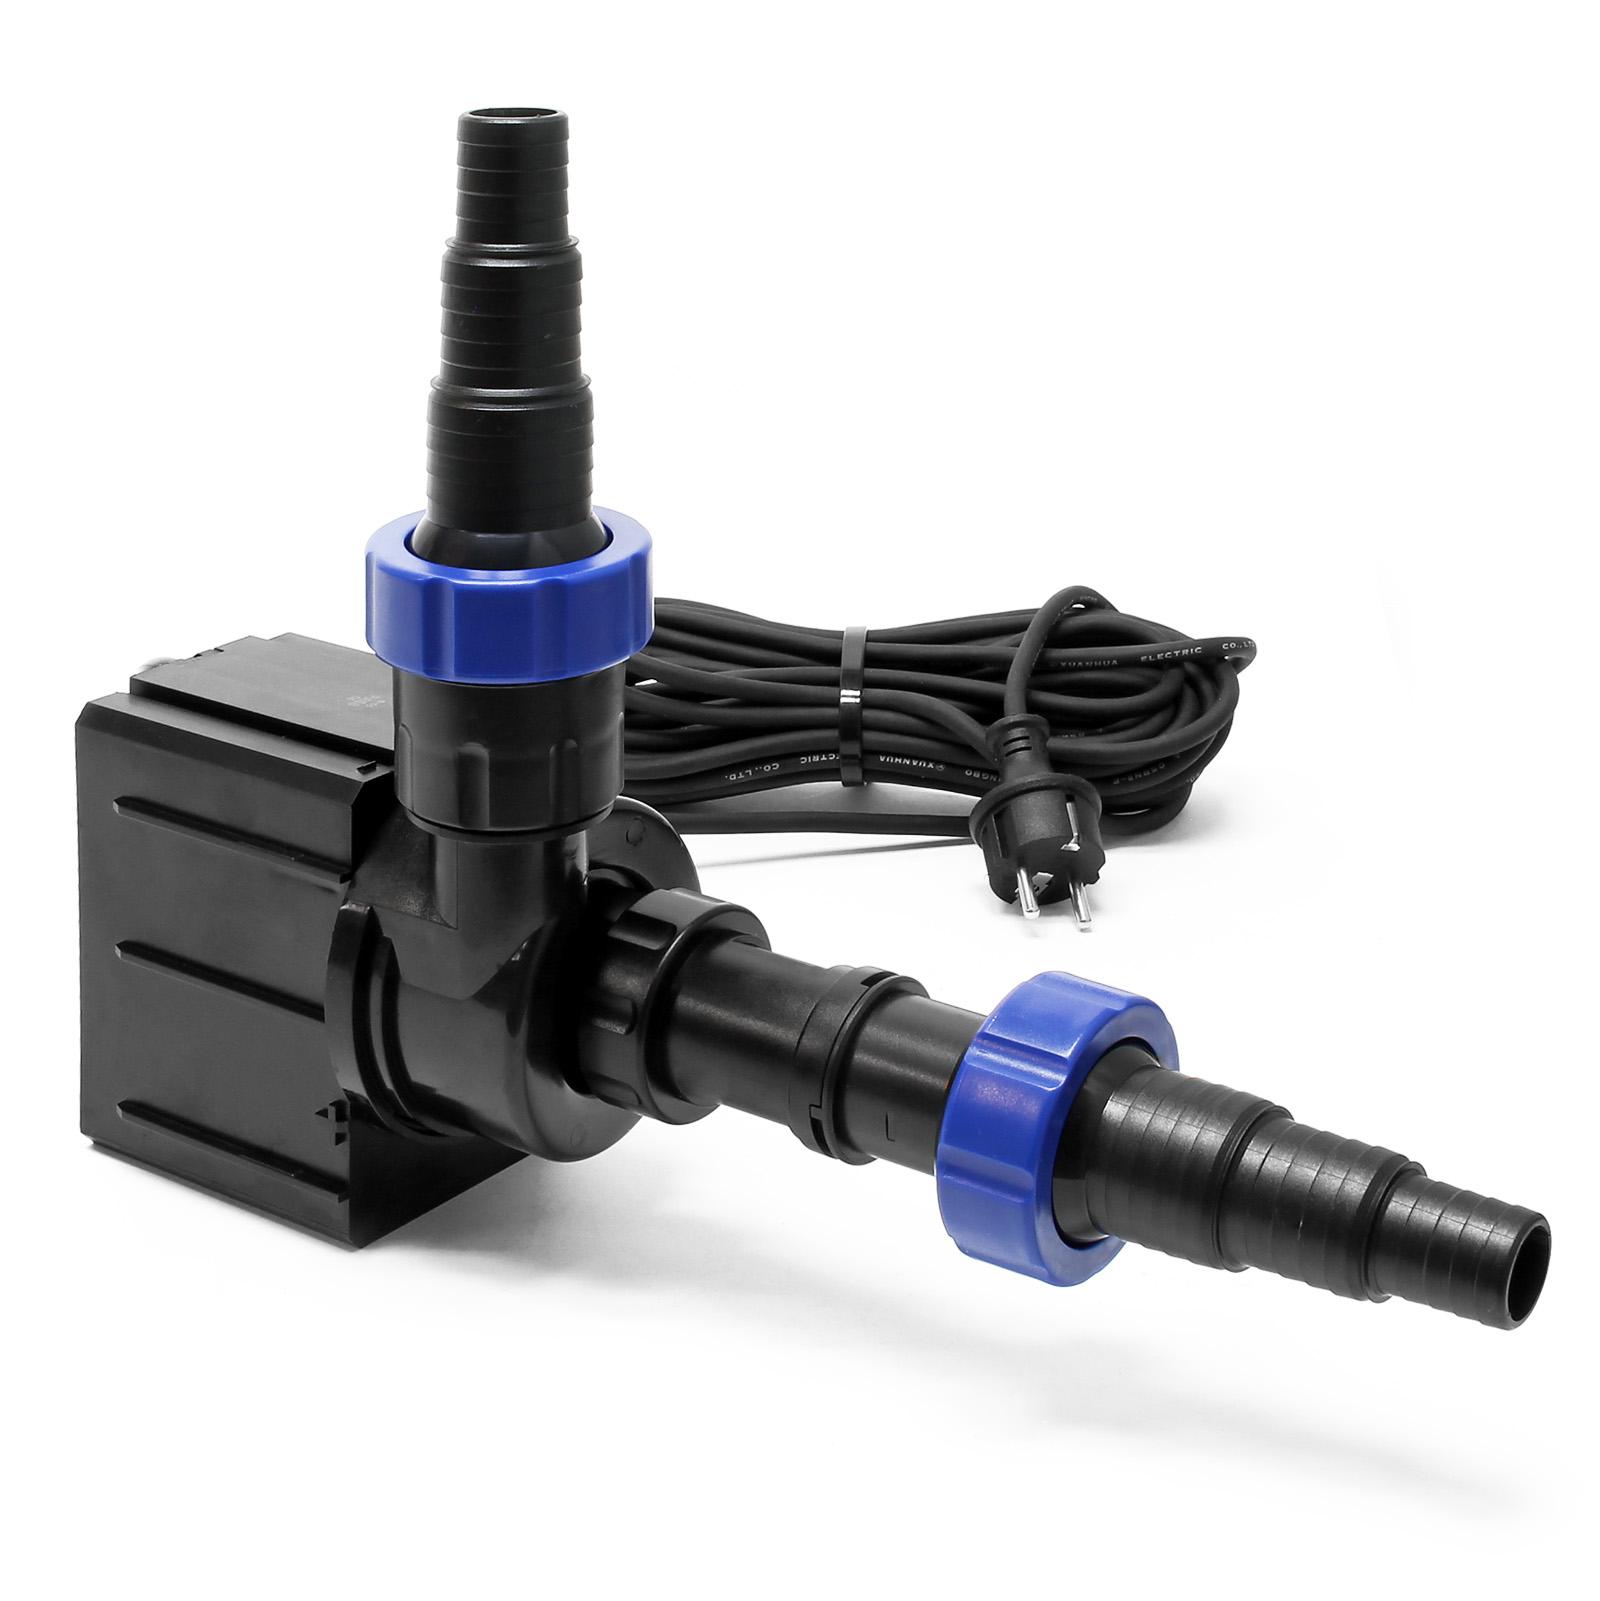 Vari modelli sunsun ctm supereco pompa per laghetto salus for Pompa filtro laghetto